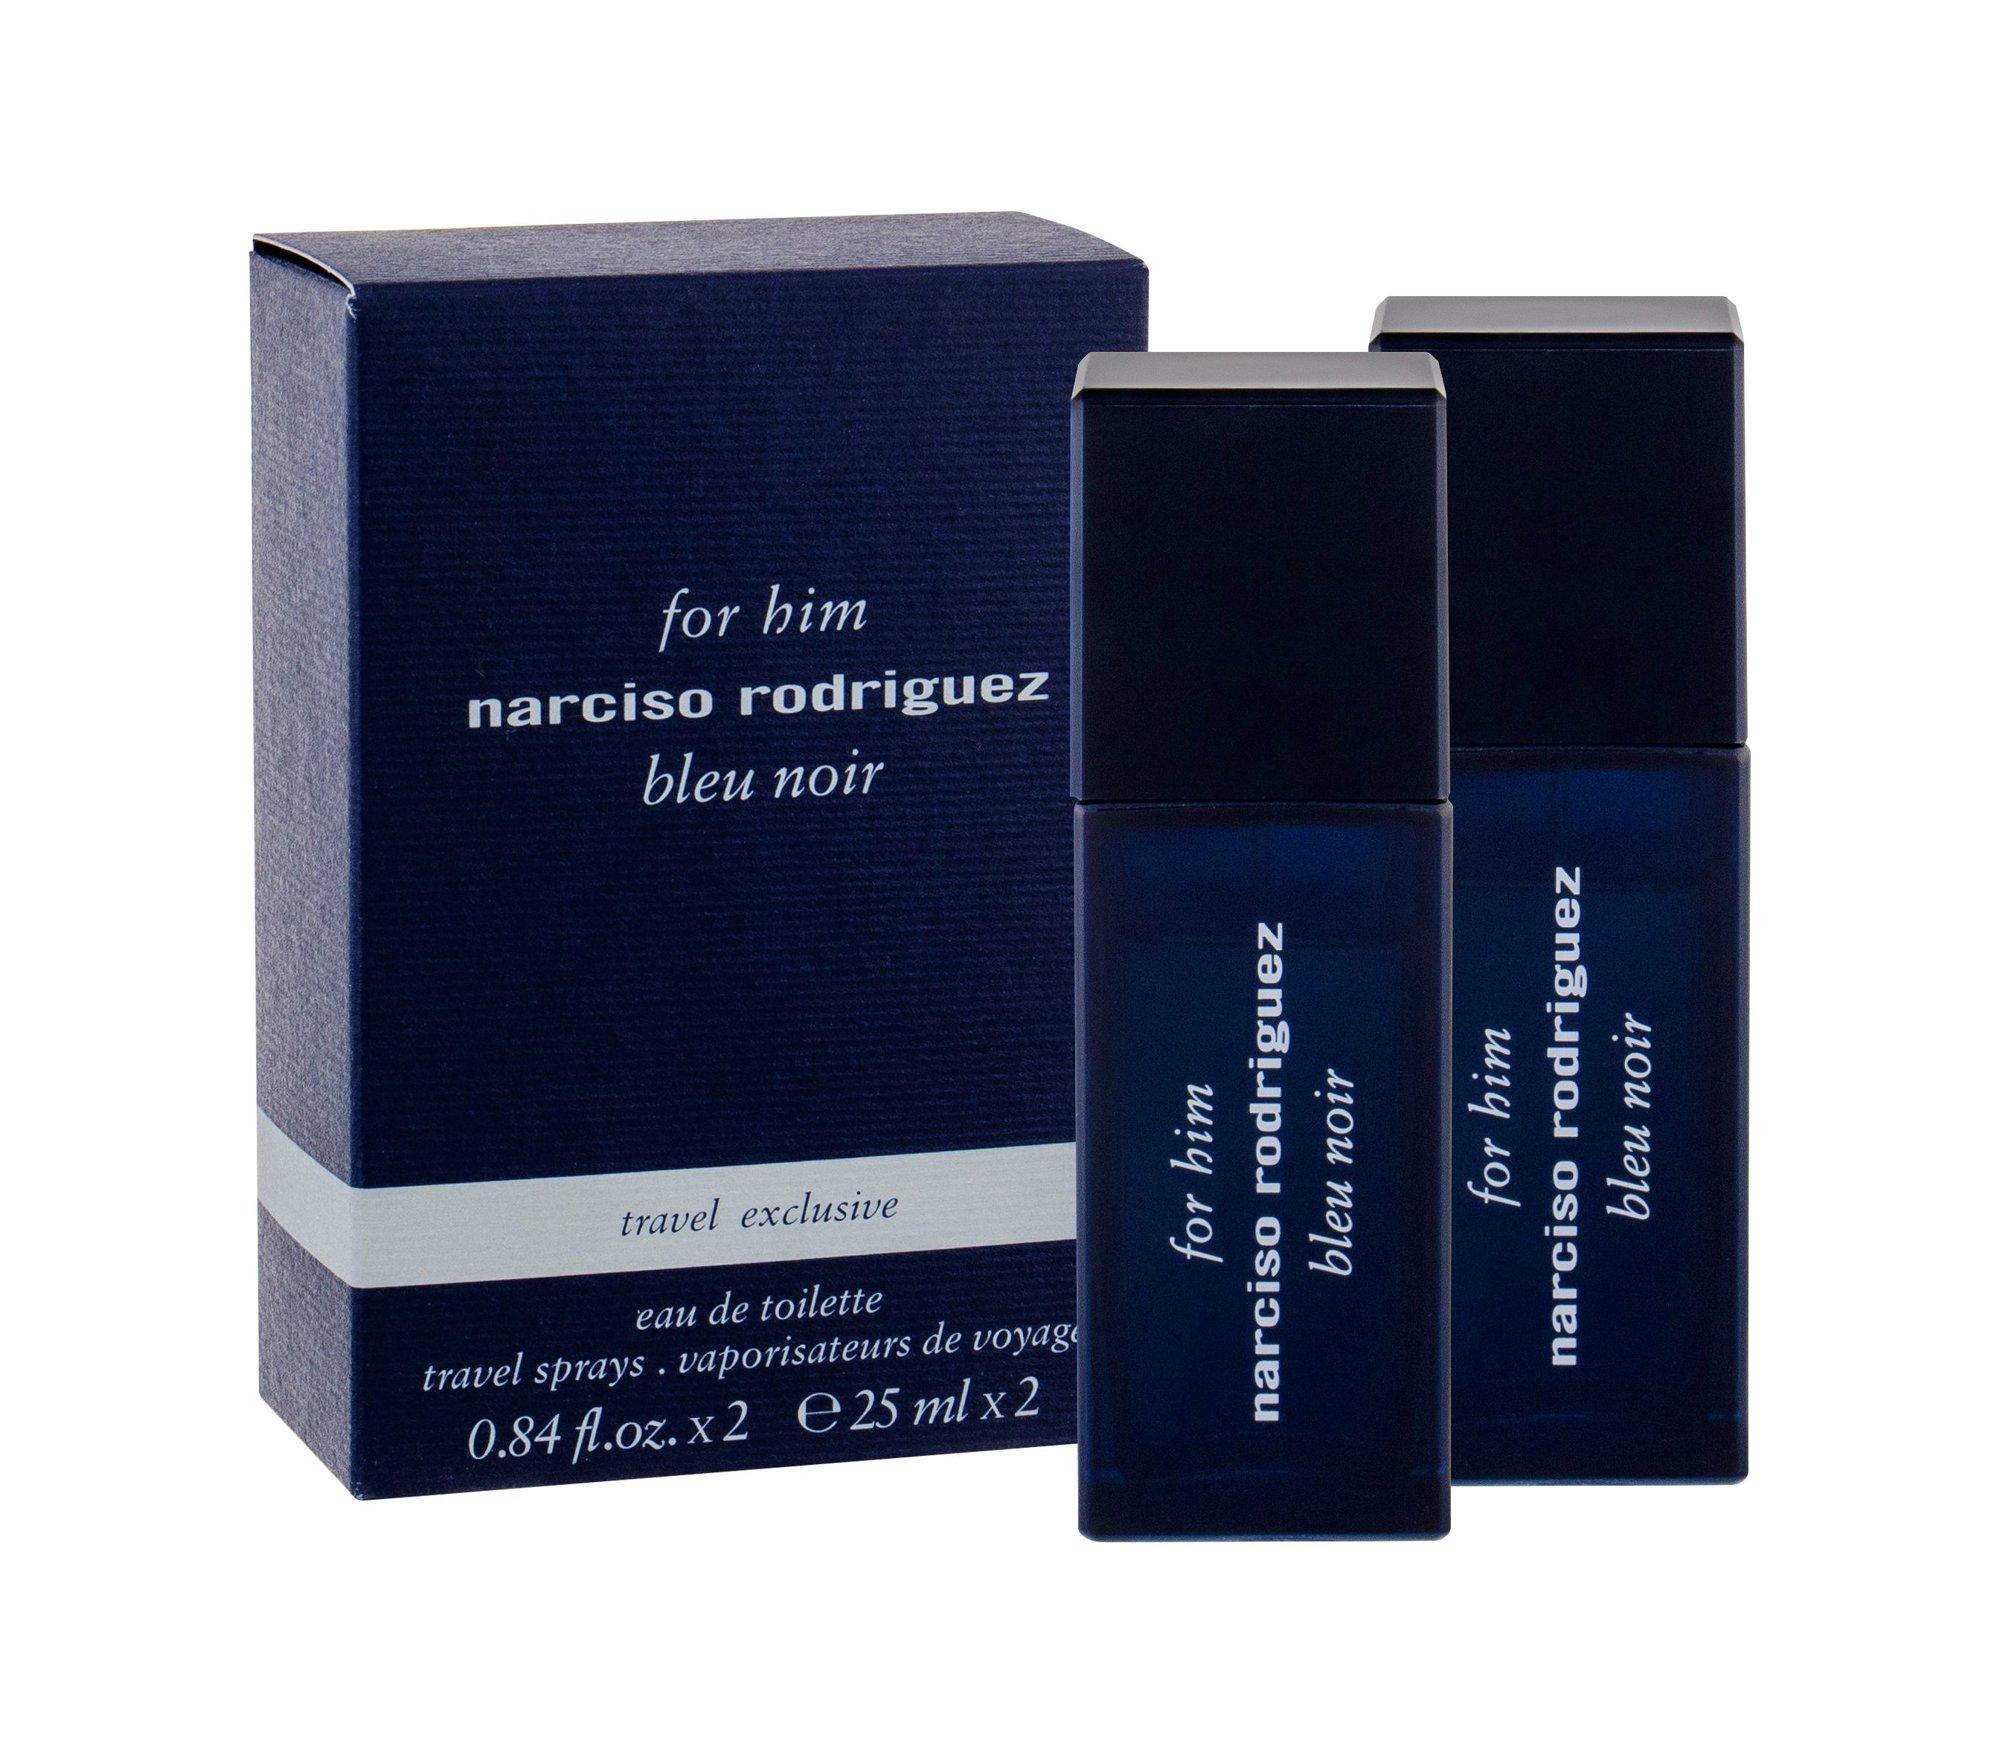 Narciso Rodriguez For Him Bleu Noir Eau de Toilette 25ml